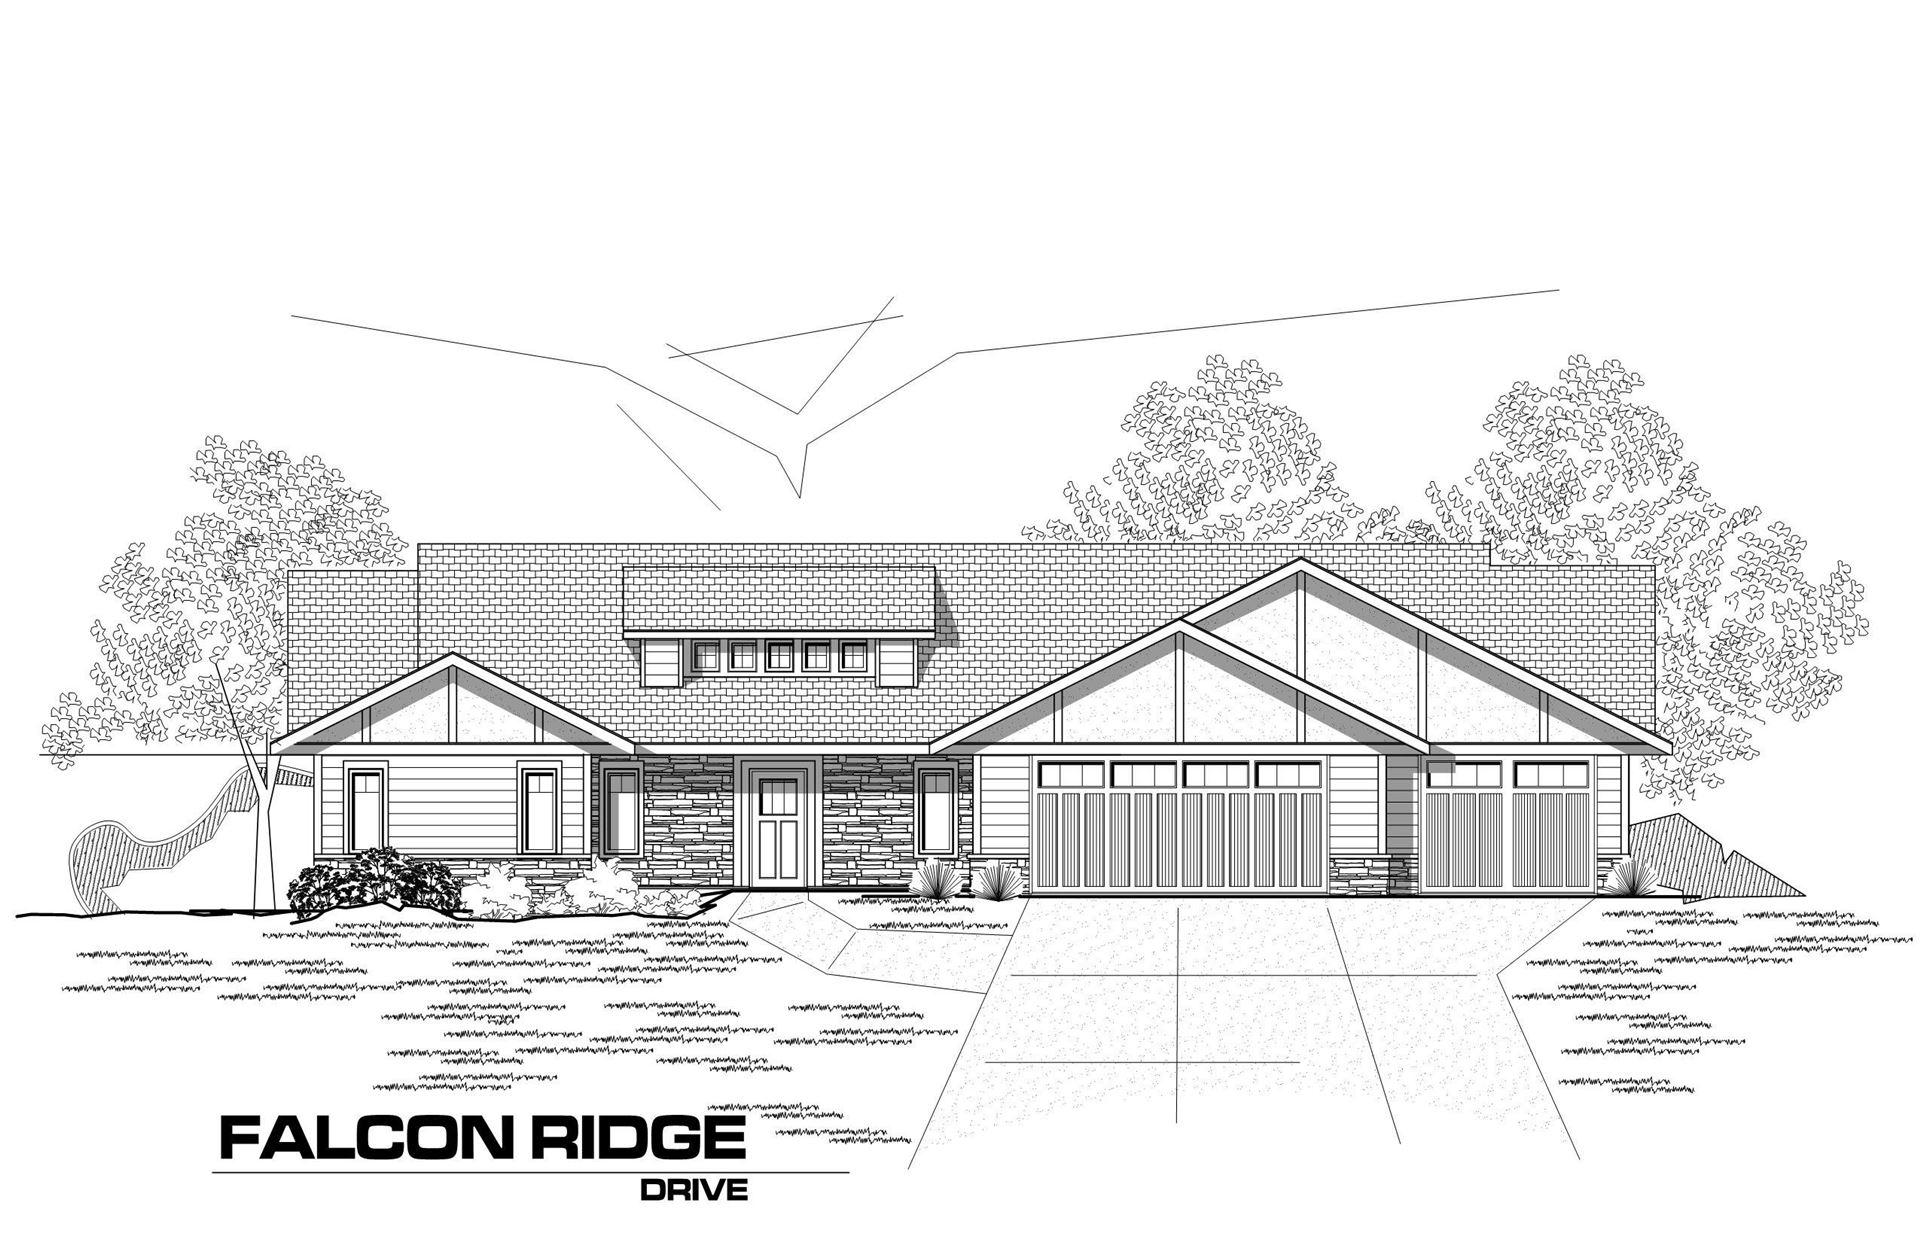 3803 Falcon Ridge Dr, Janesville, WI 53548 - #: 1921029